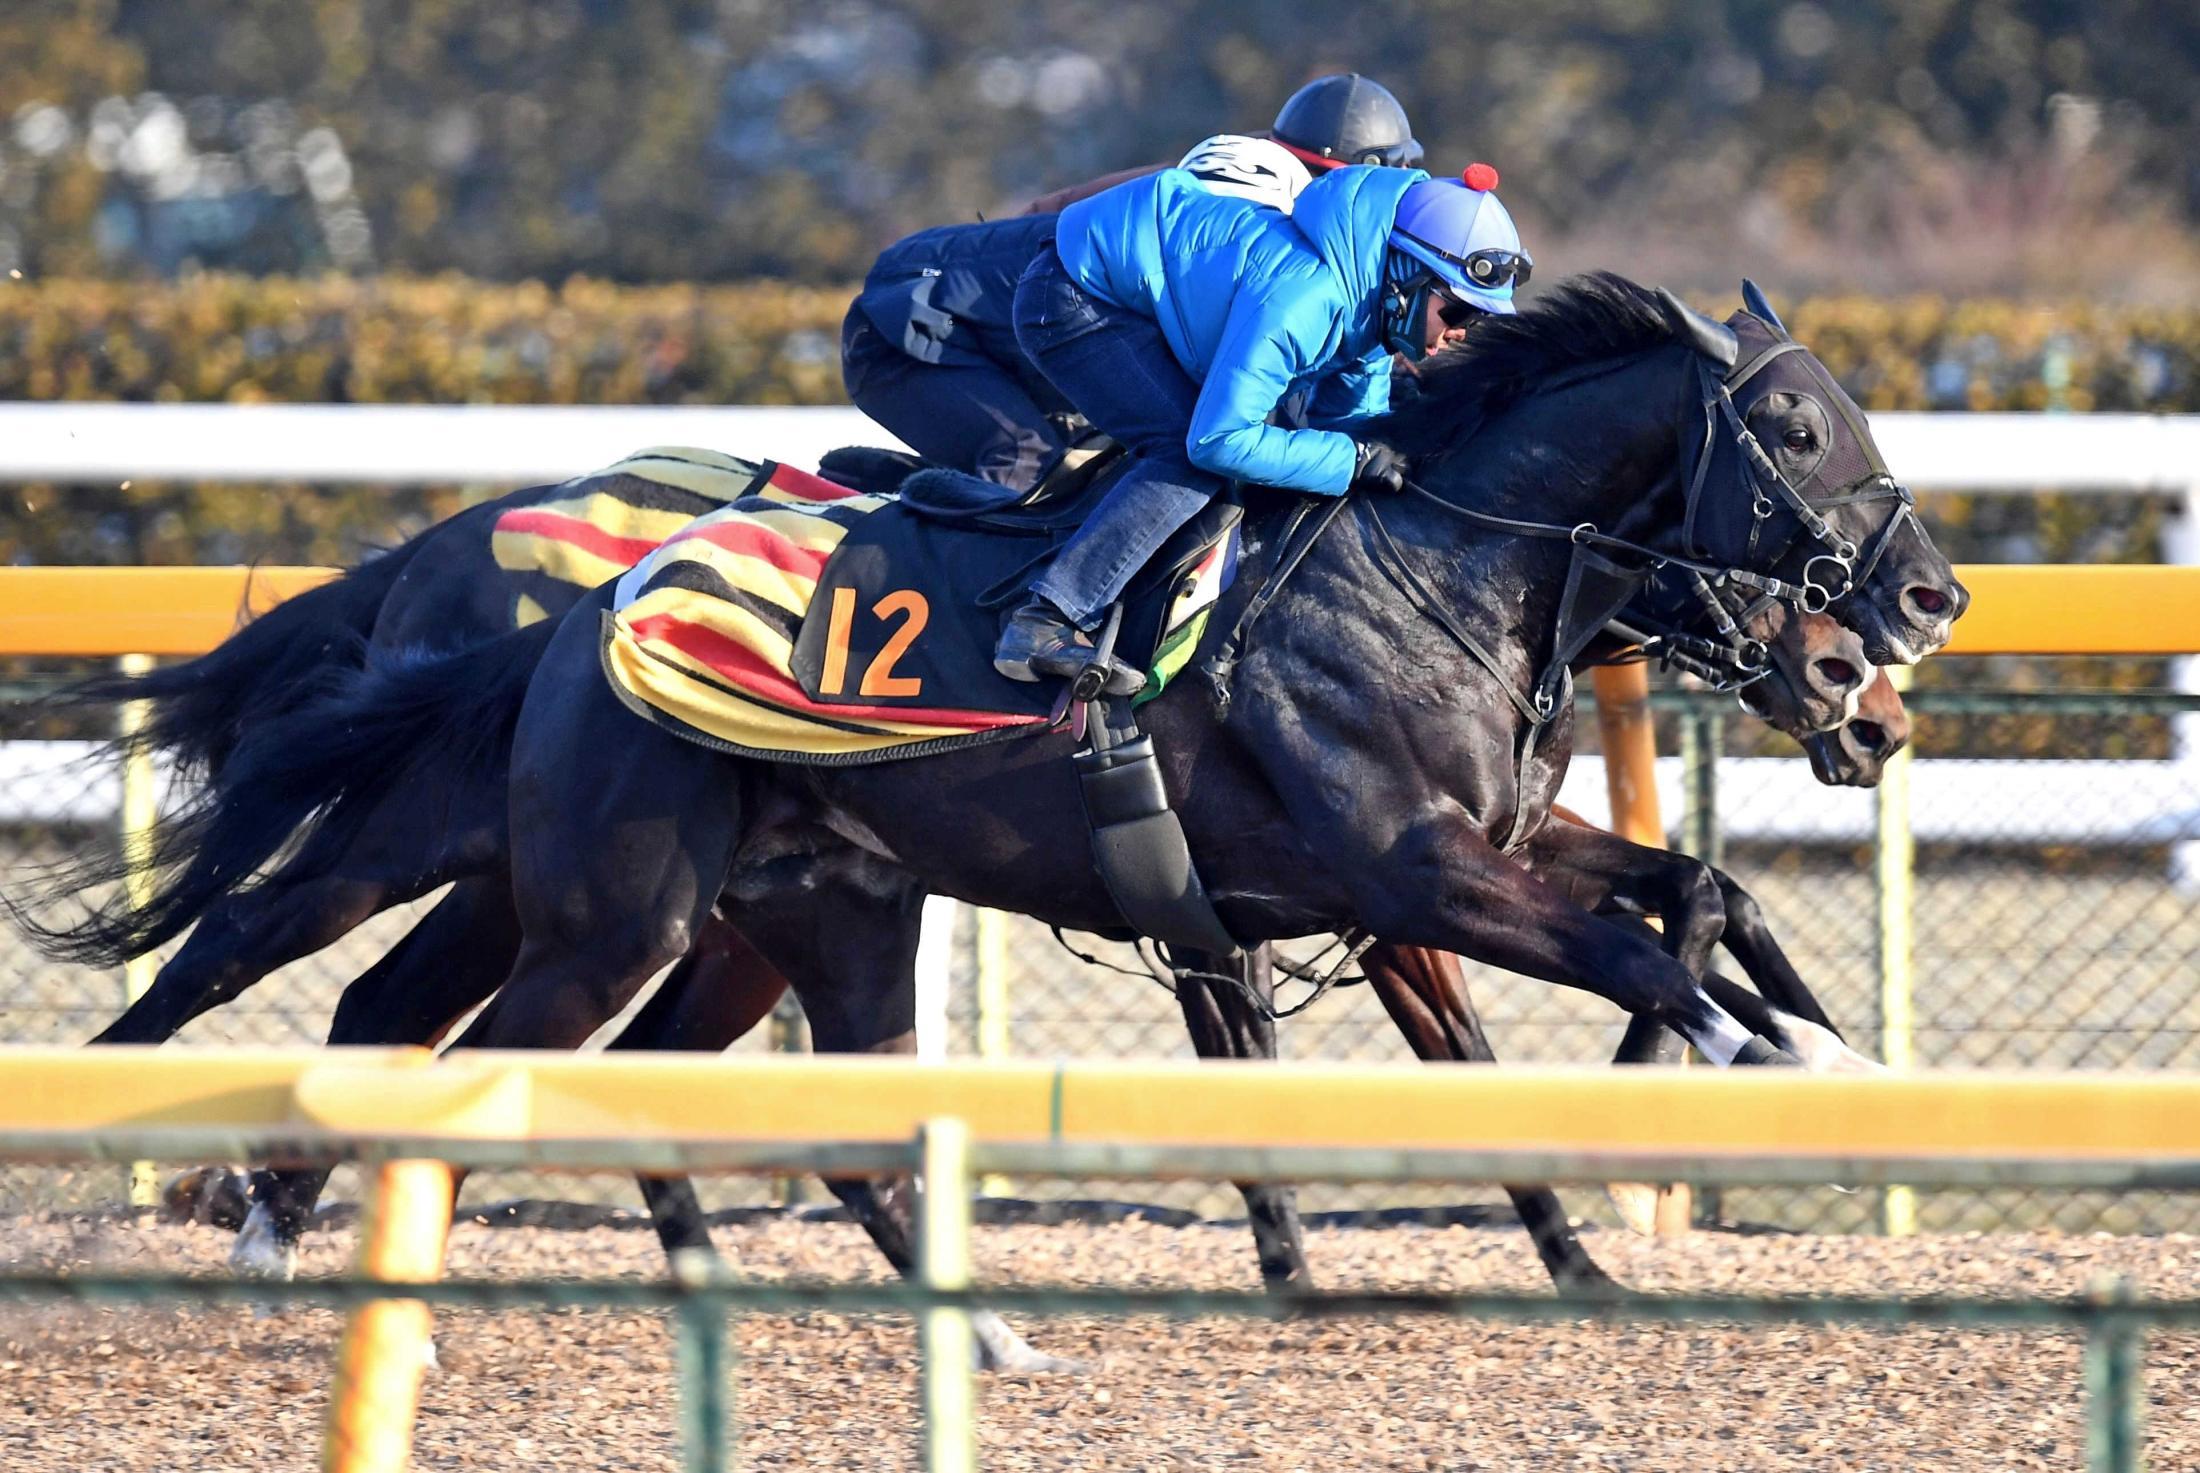 初のタイトルへ気合のこもった併せ馬を行ったアガラス(手前)=撮影・園田高夫